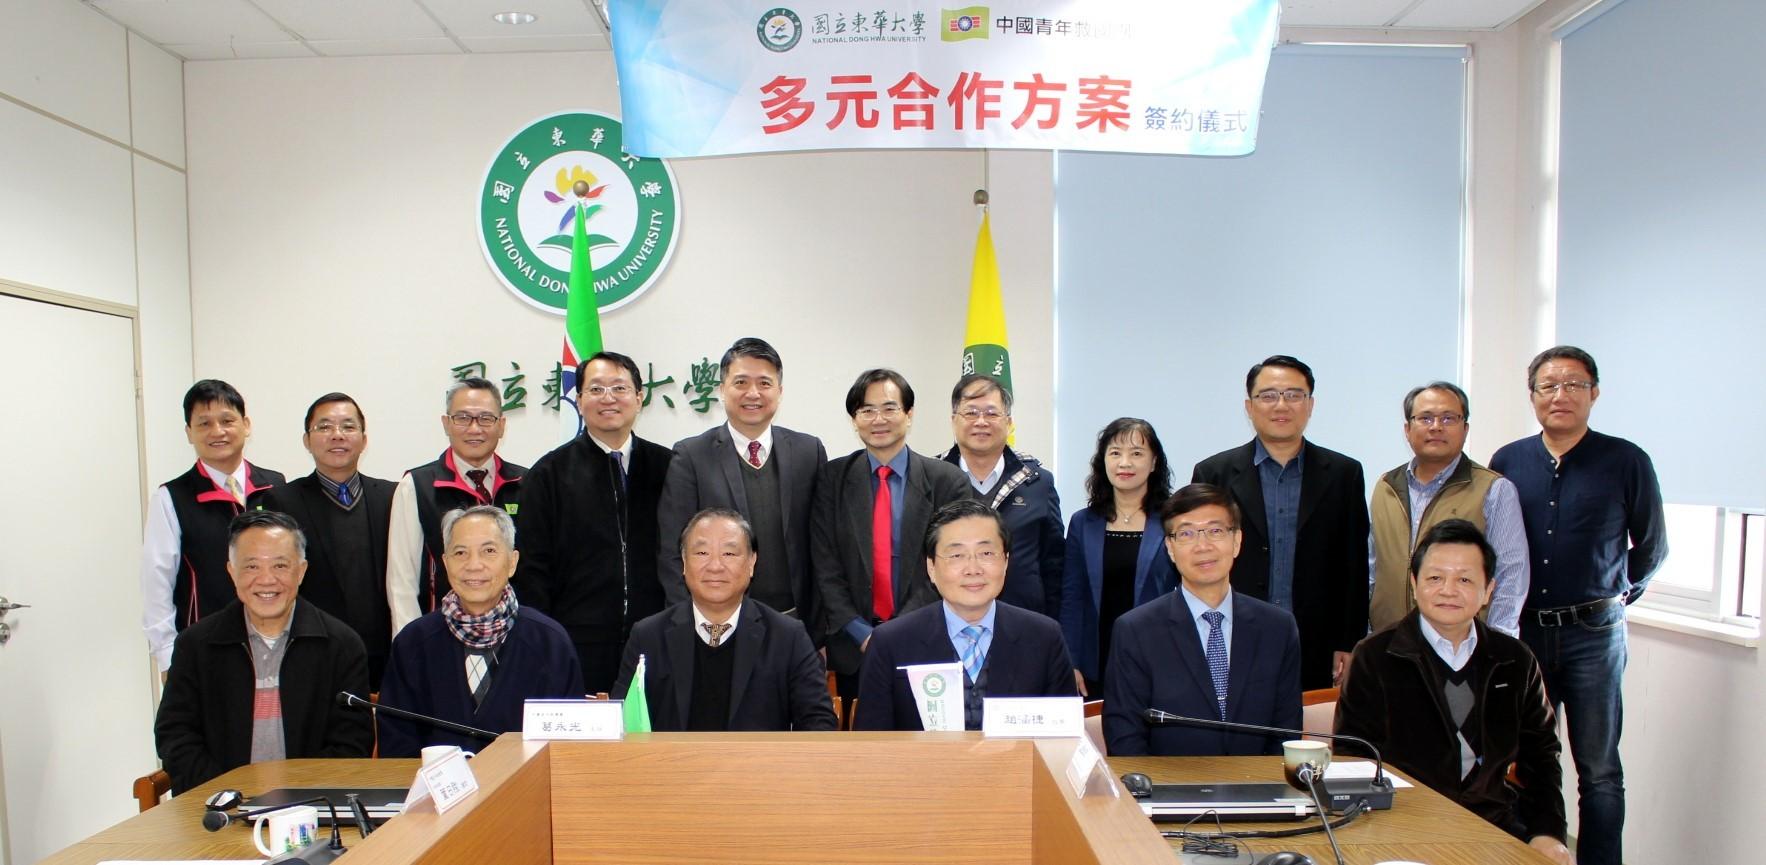 東華大學與救國團簽署合作備忘錄與會人員合照